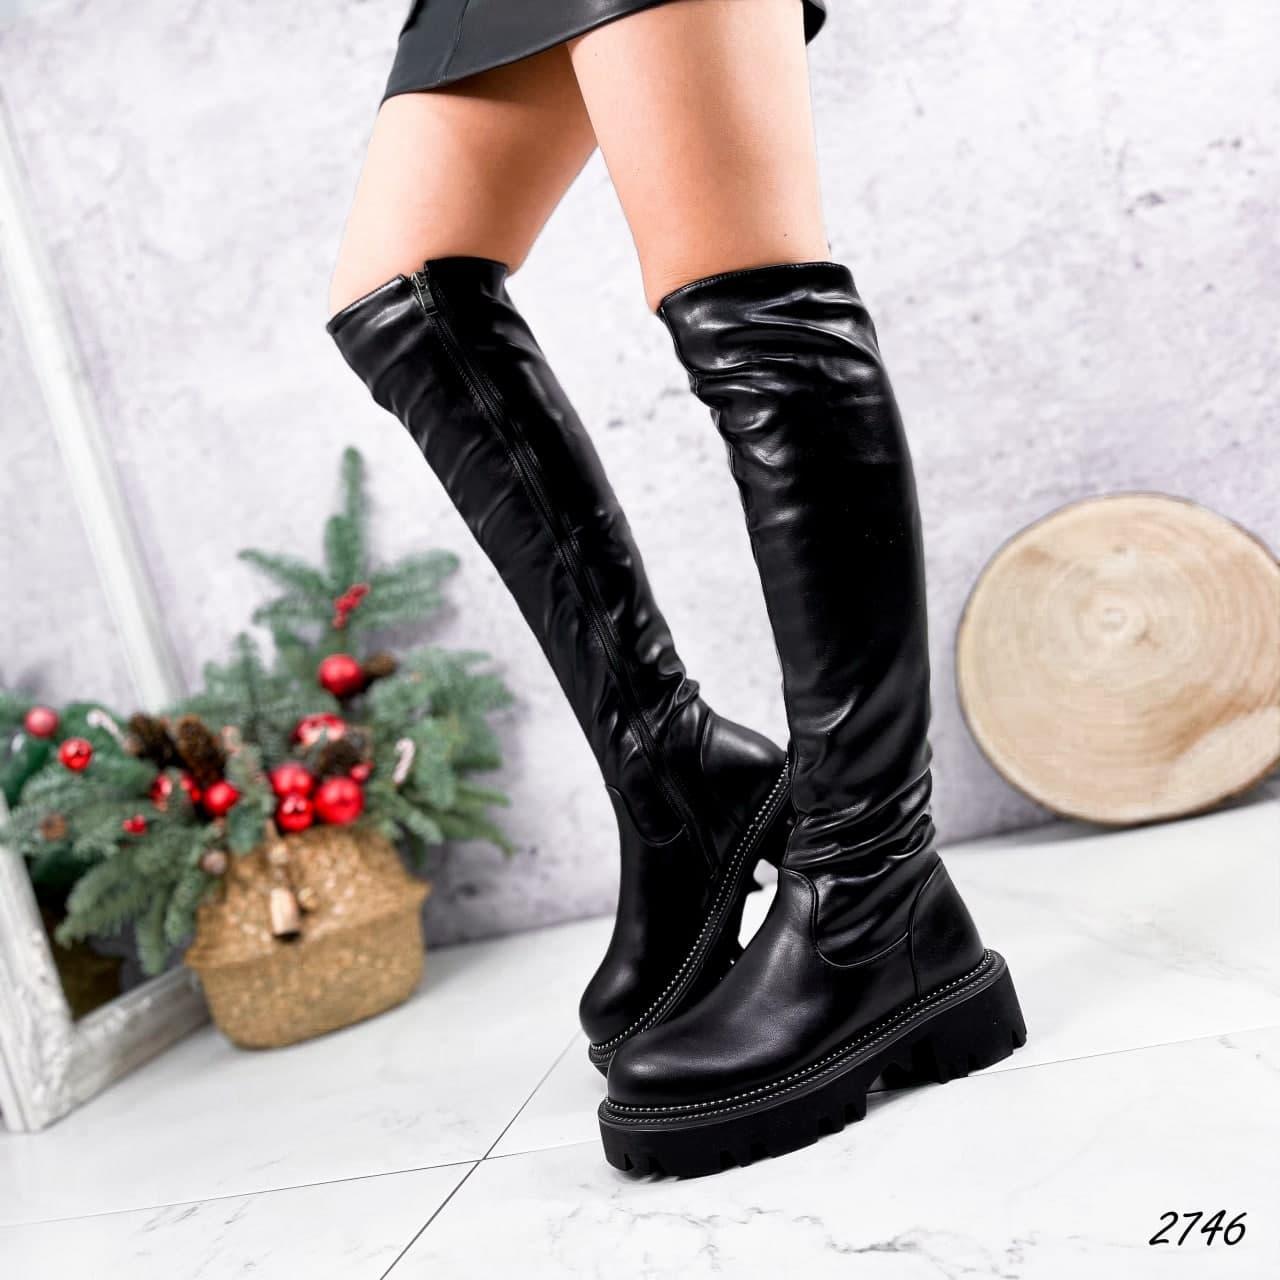 Ботфорты женские зимние, черного цвета из эко кожи. Ботфорти високі зимові на платформі